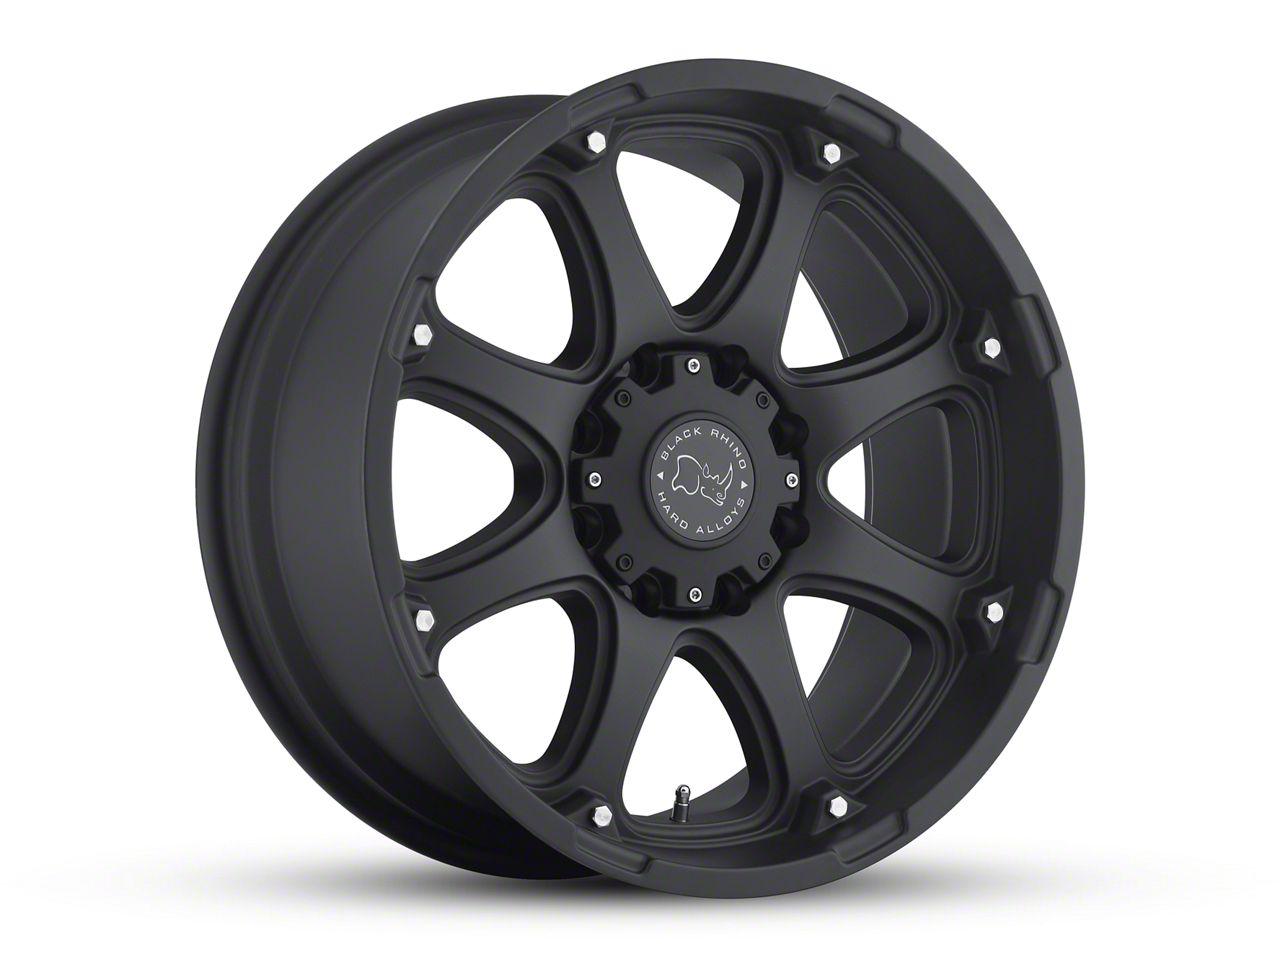 Black Rhino Glamis Matte Black 6-Lug Wheel - 18x9 (07-18 Sierra 1500)